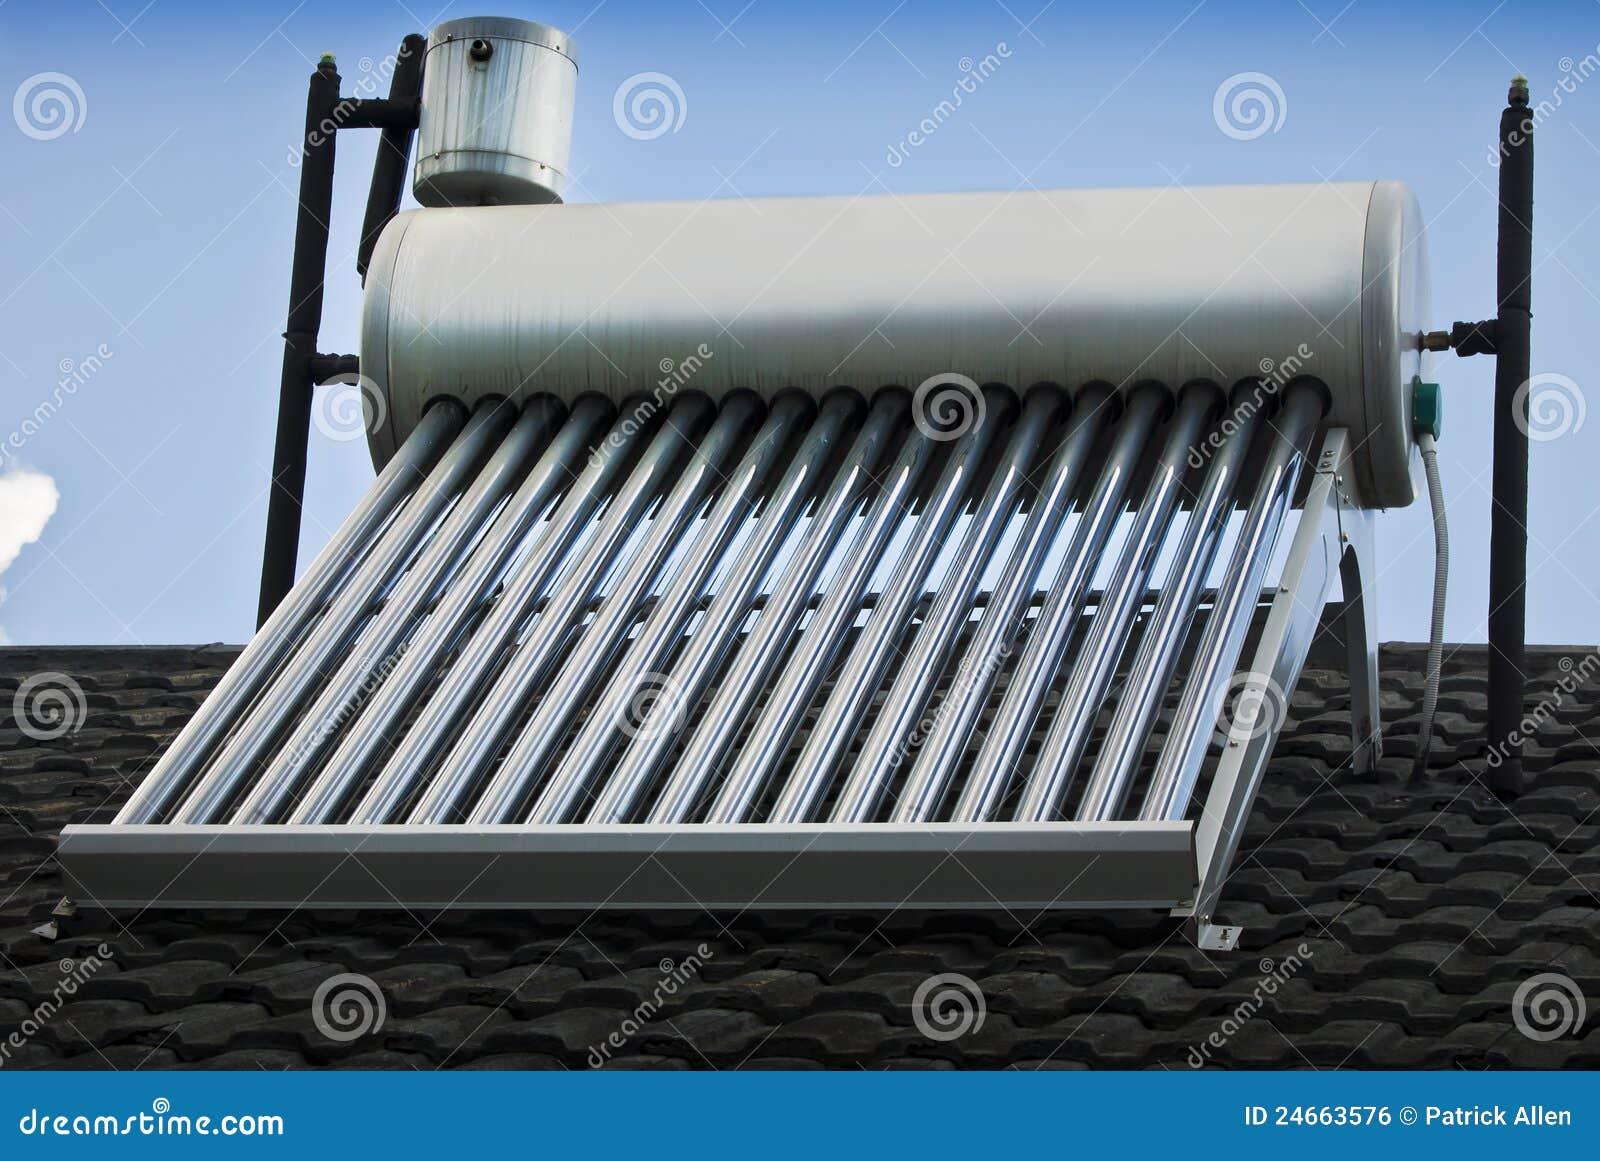 Heat Exchange - Solar Heater